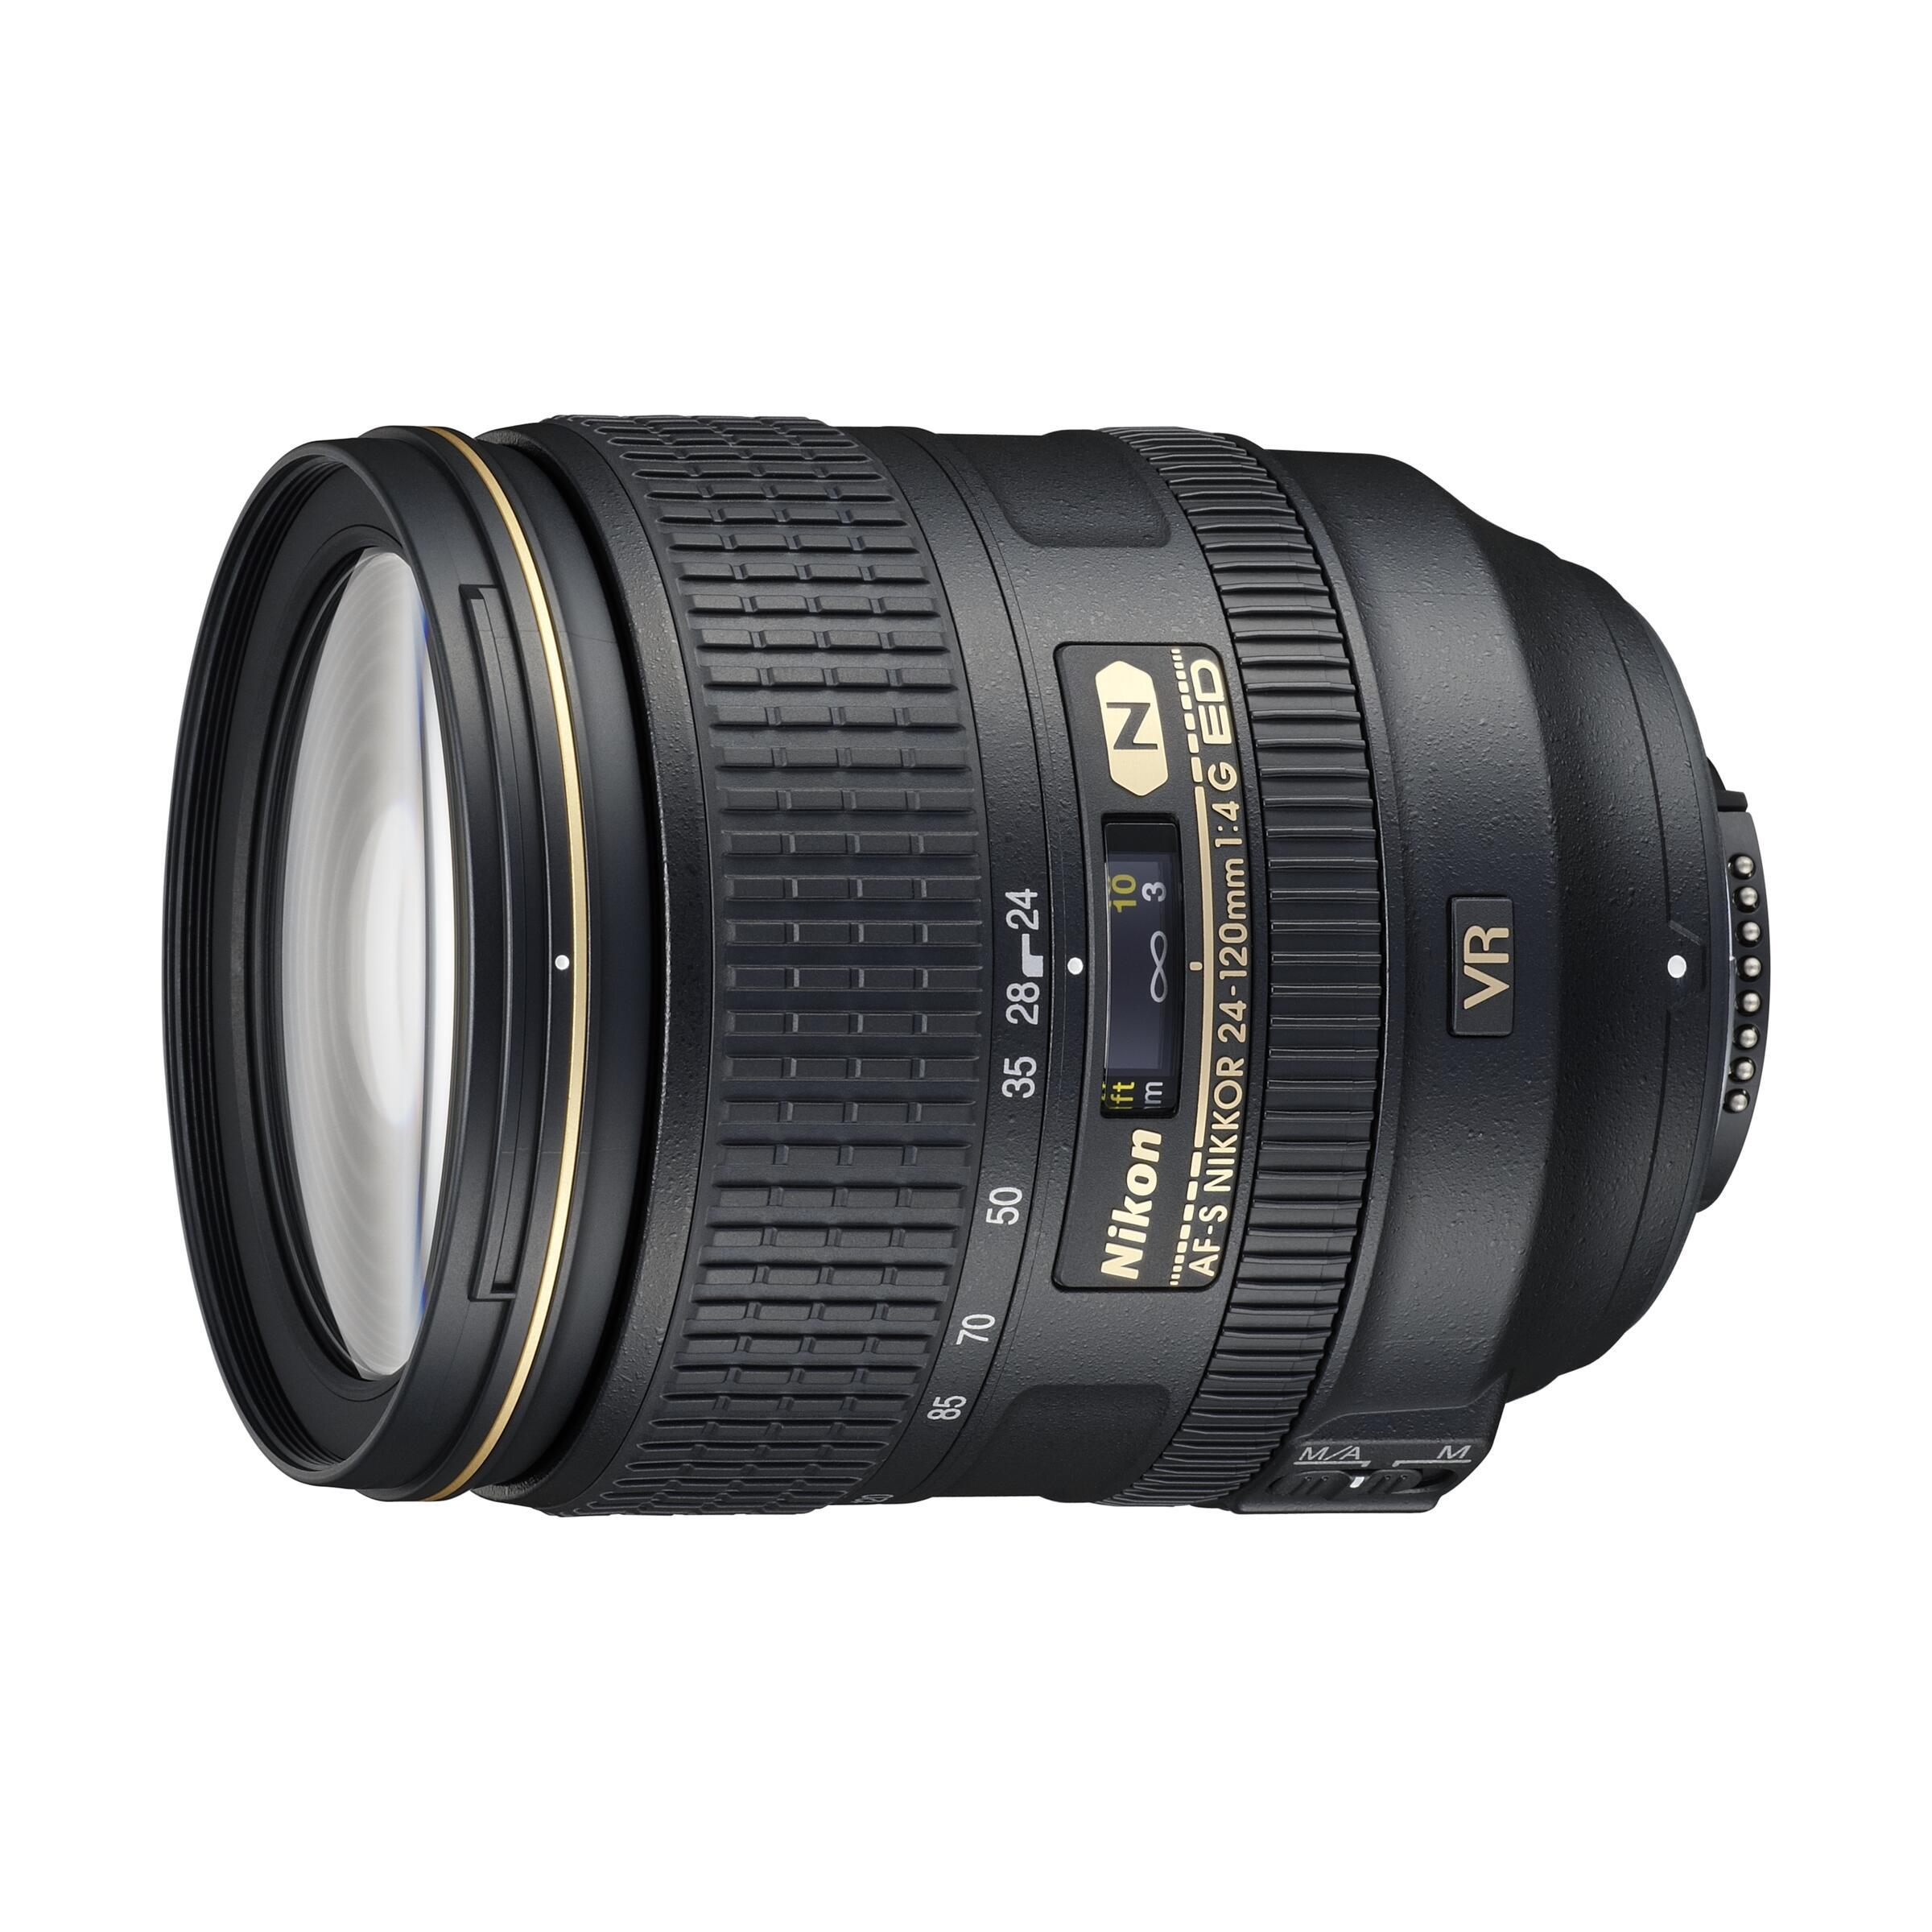 Nikon AF-S 24-120mm f/4,0 G ED VR